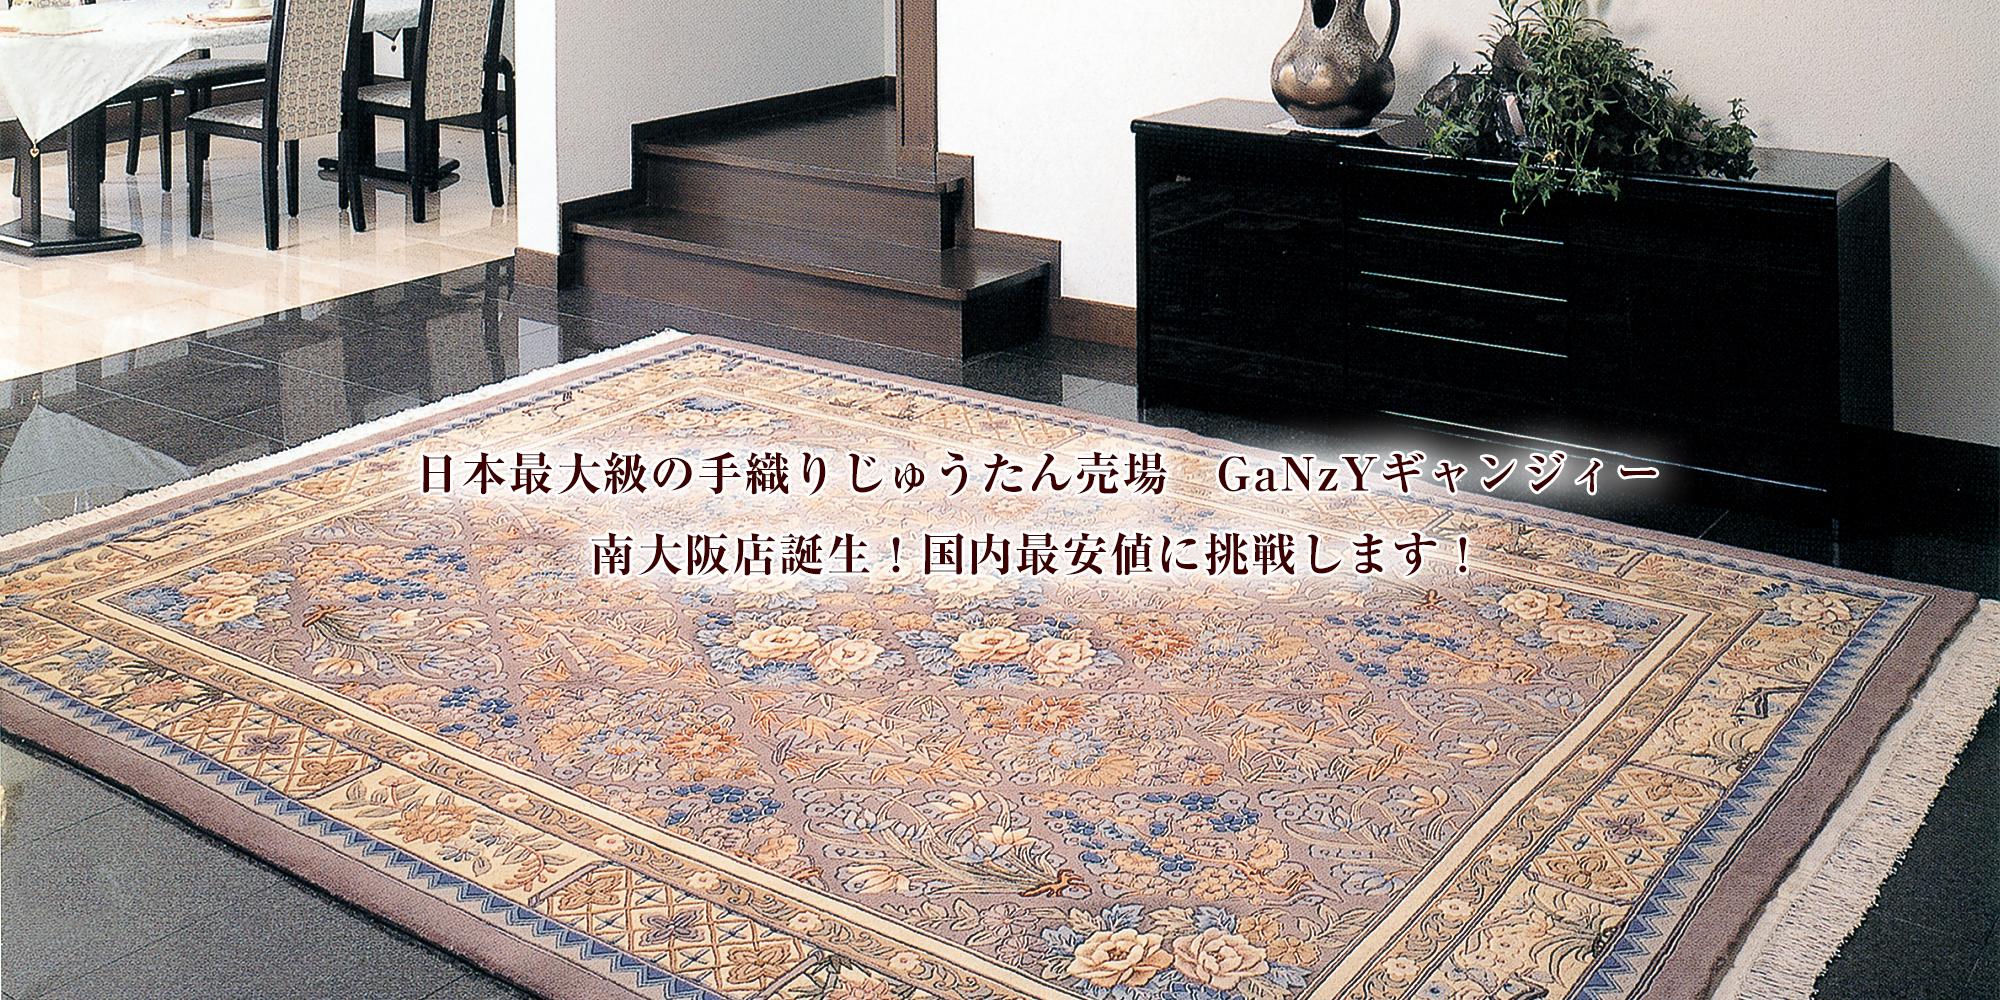 日本最大級の手織りじゅうたん売場 GaNzYギャンジィー 南大阪店誕生!国内最安値に挑戦します!